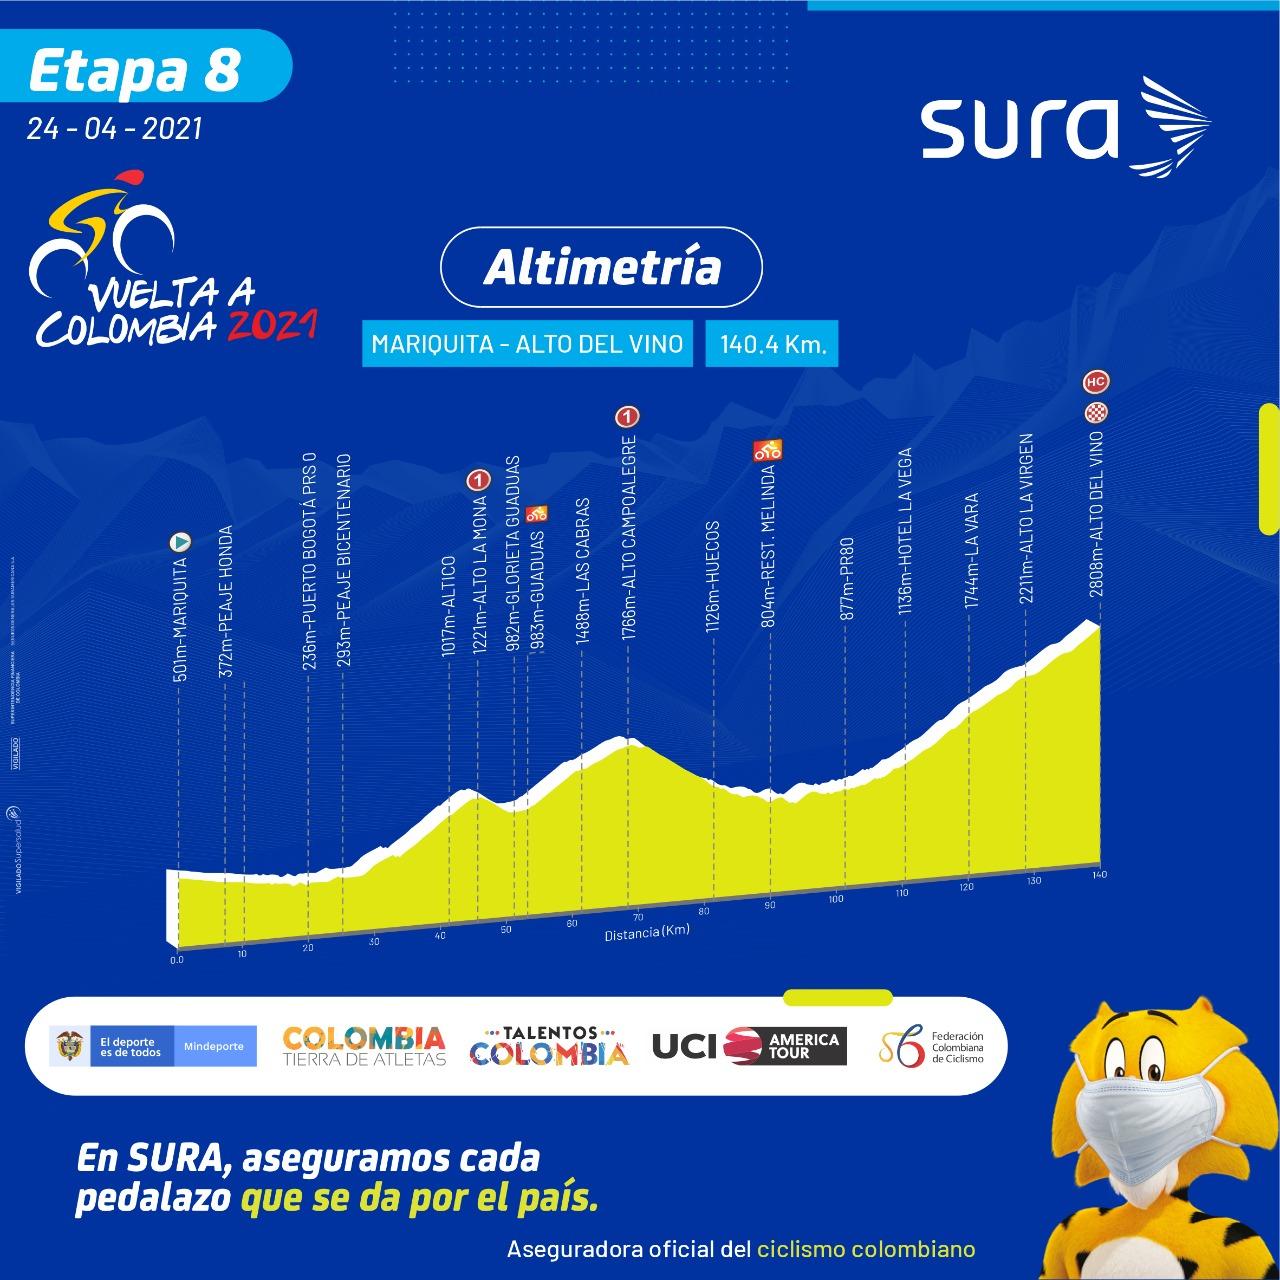 Etapa 8 Vuelta a Colombia 2021